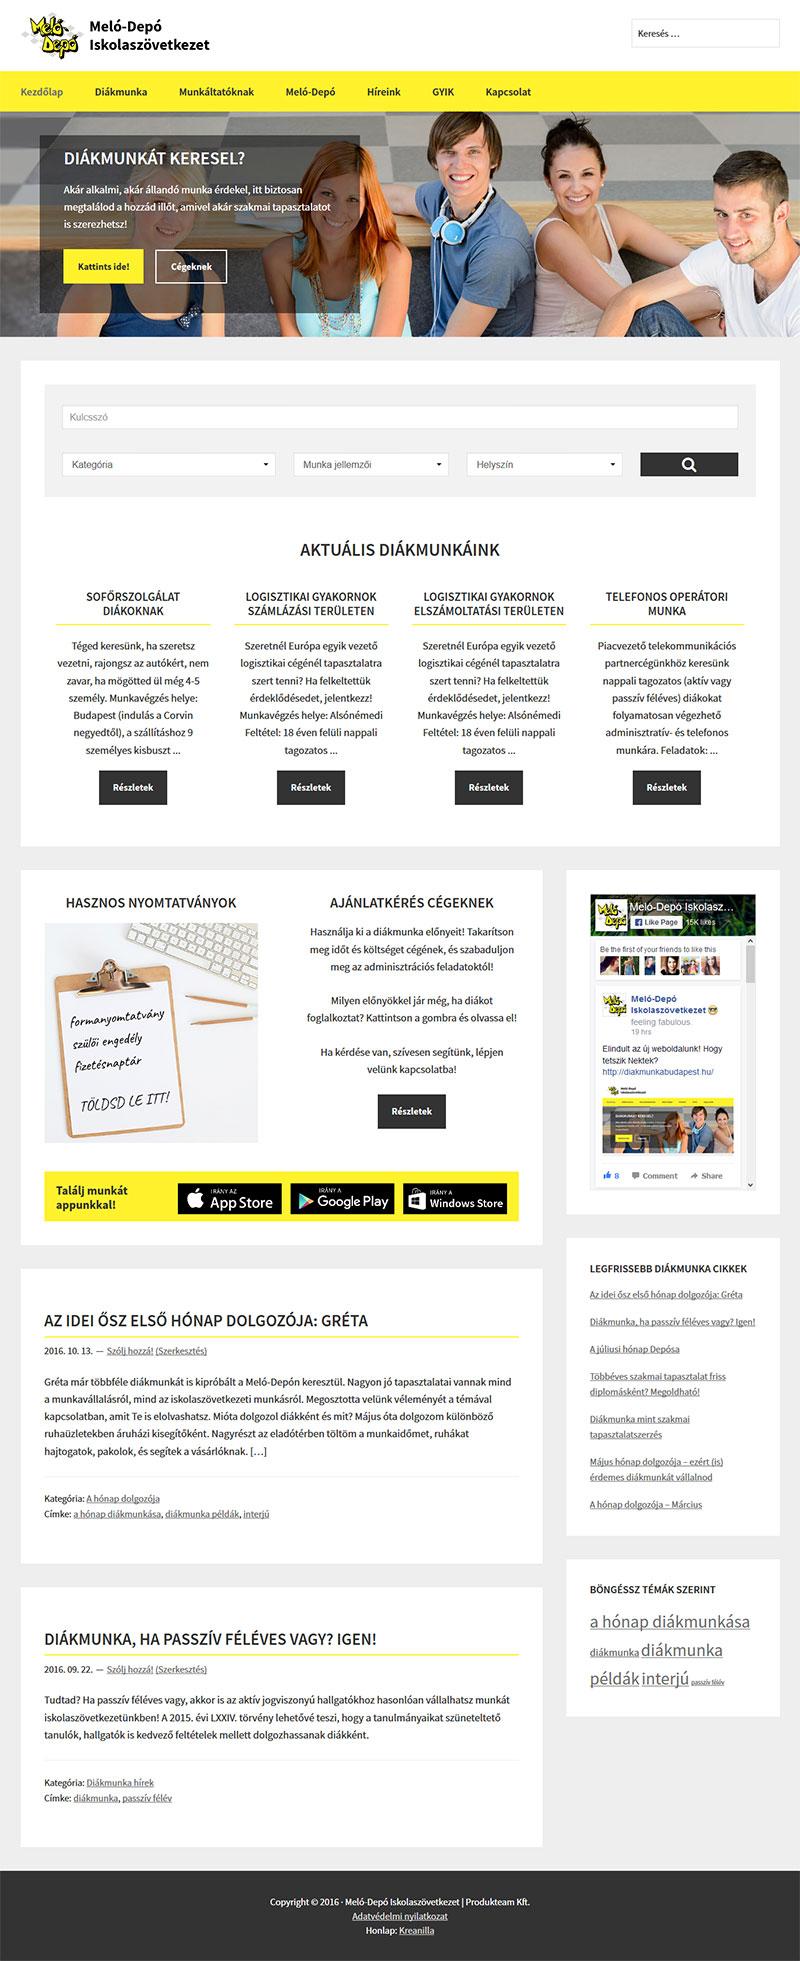 Reszponzív weboldal készítés a Meló-Depó Iskolaszövetkezet részére